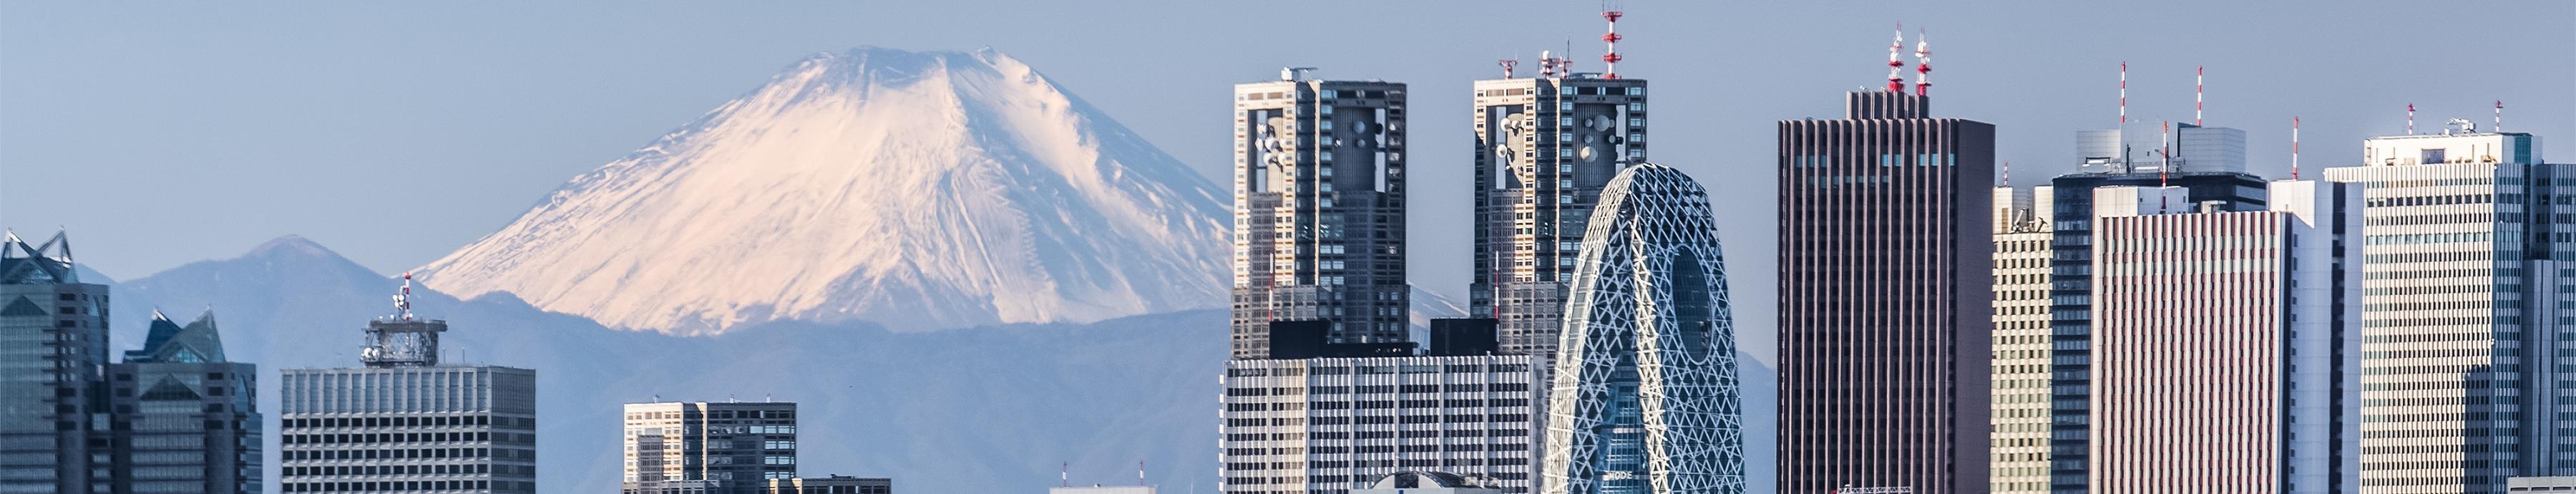 Die besten Apps für Japan: Exklusiv für die Olympischen Spiele